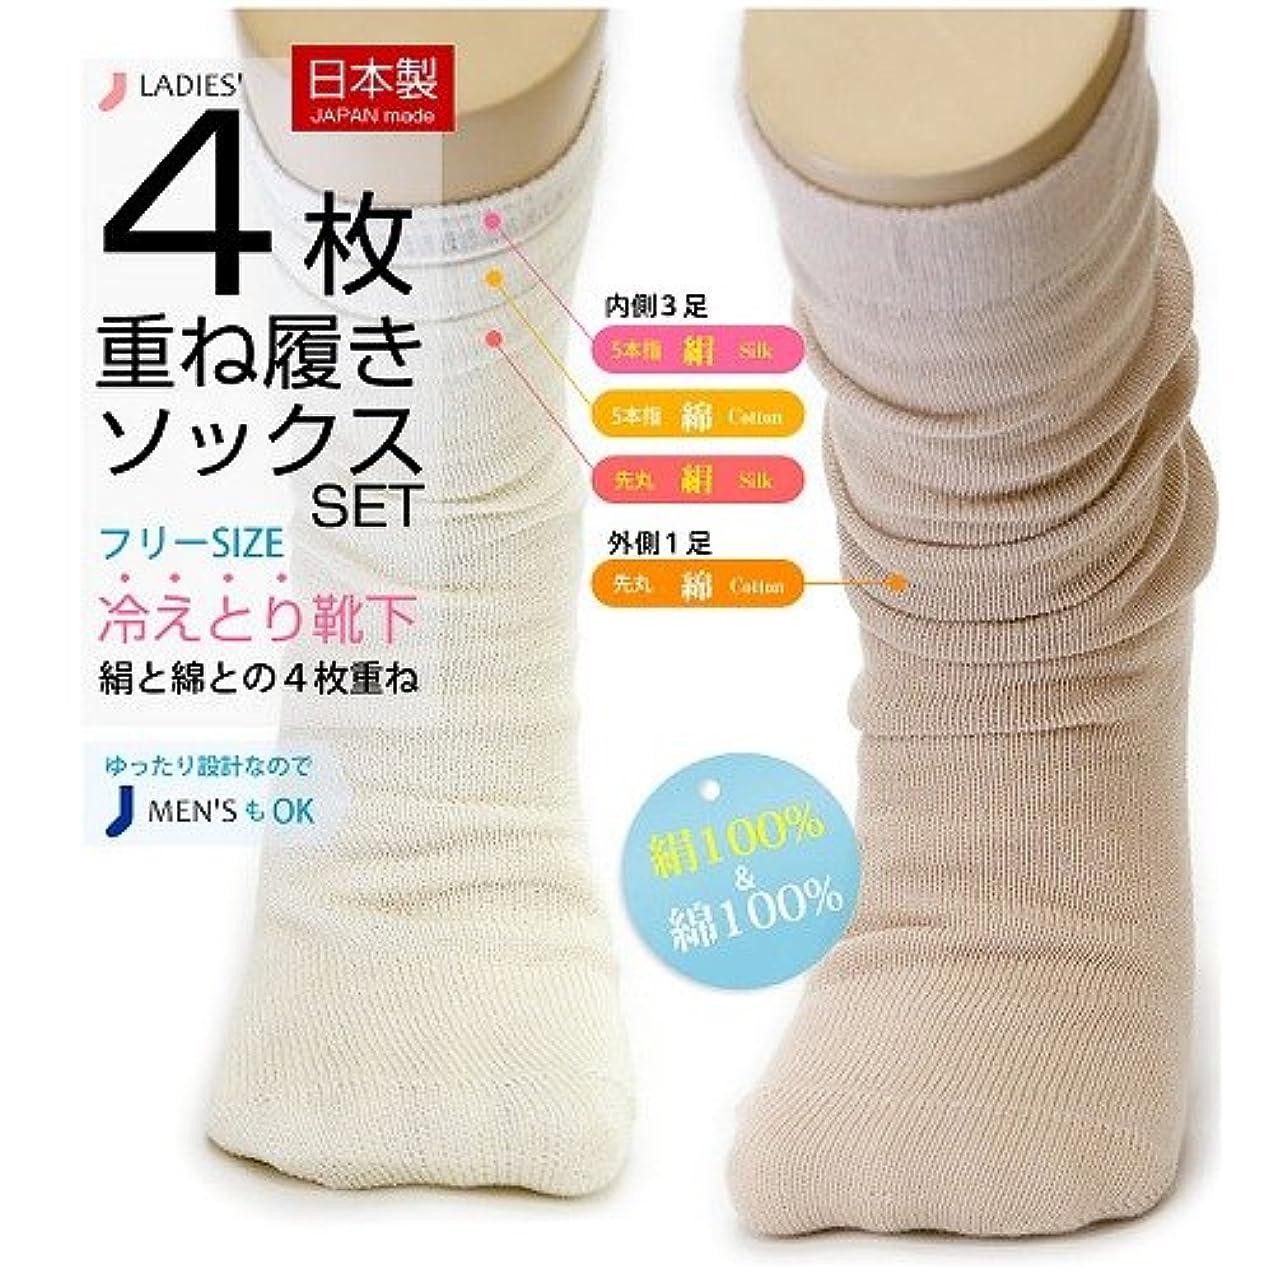 損失東労働者冷え取り靴下 綿100%とシルク100% 最高級の日本製 4枚重ねばきセット(外側チャコール)